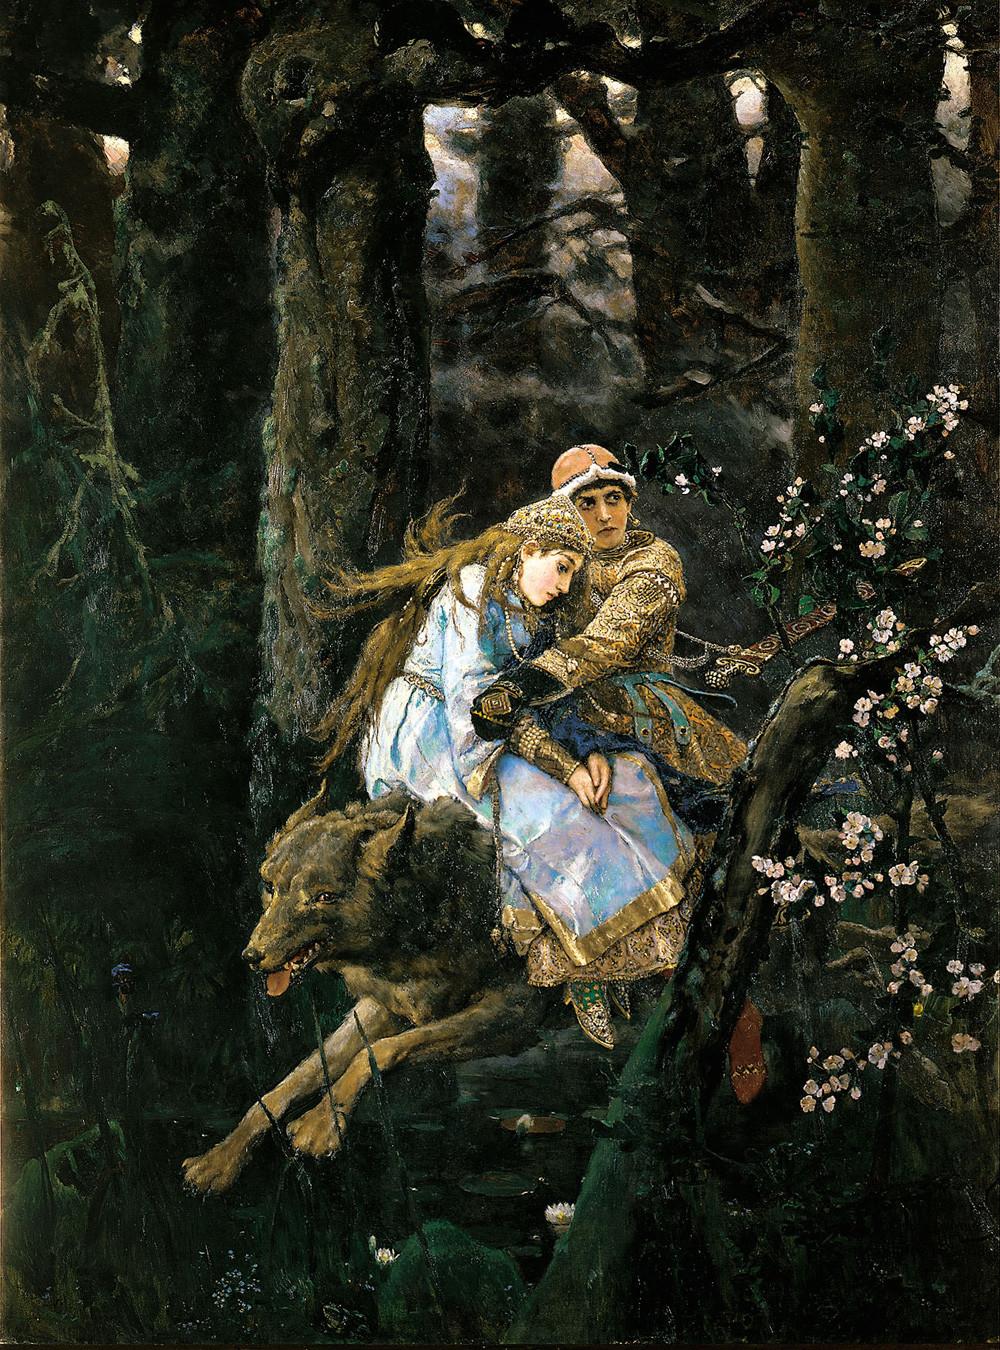 Ivan Tsarévitch chevauchant le loup gris par Viktor Vasnetsov